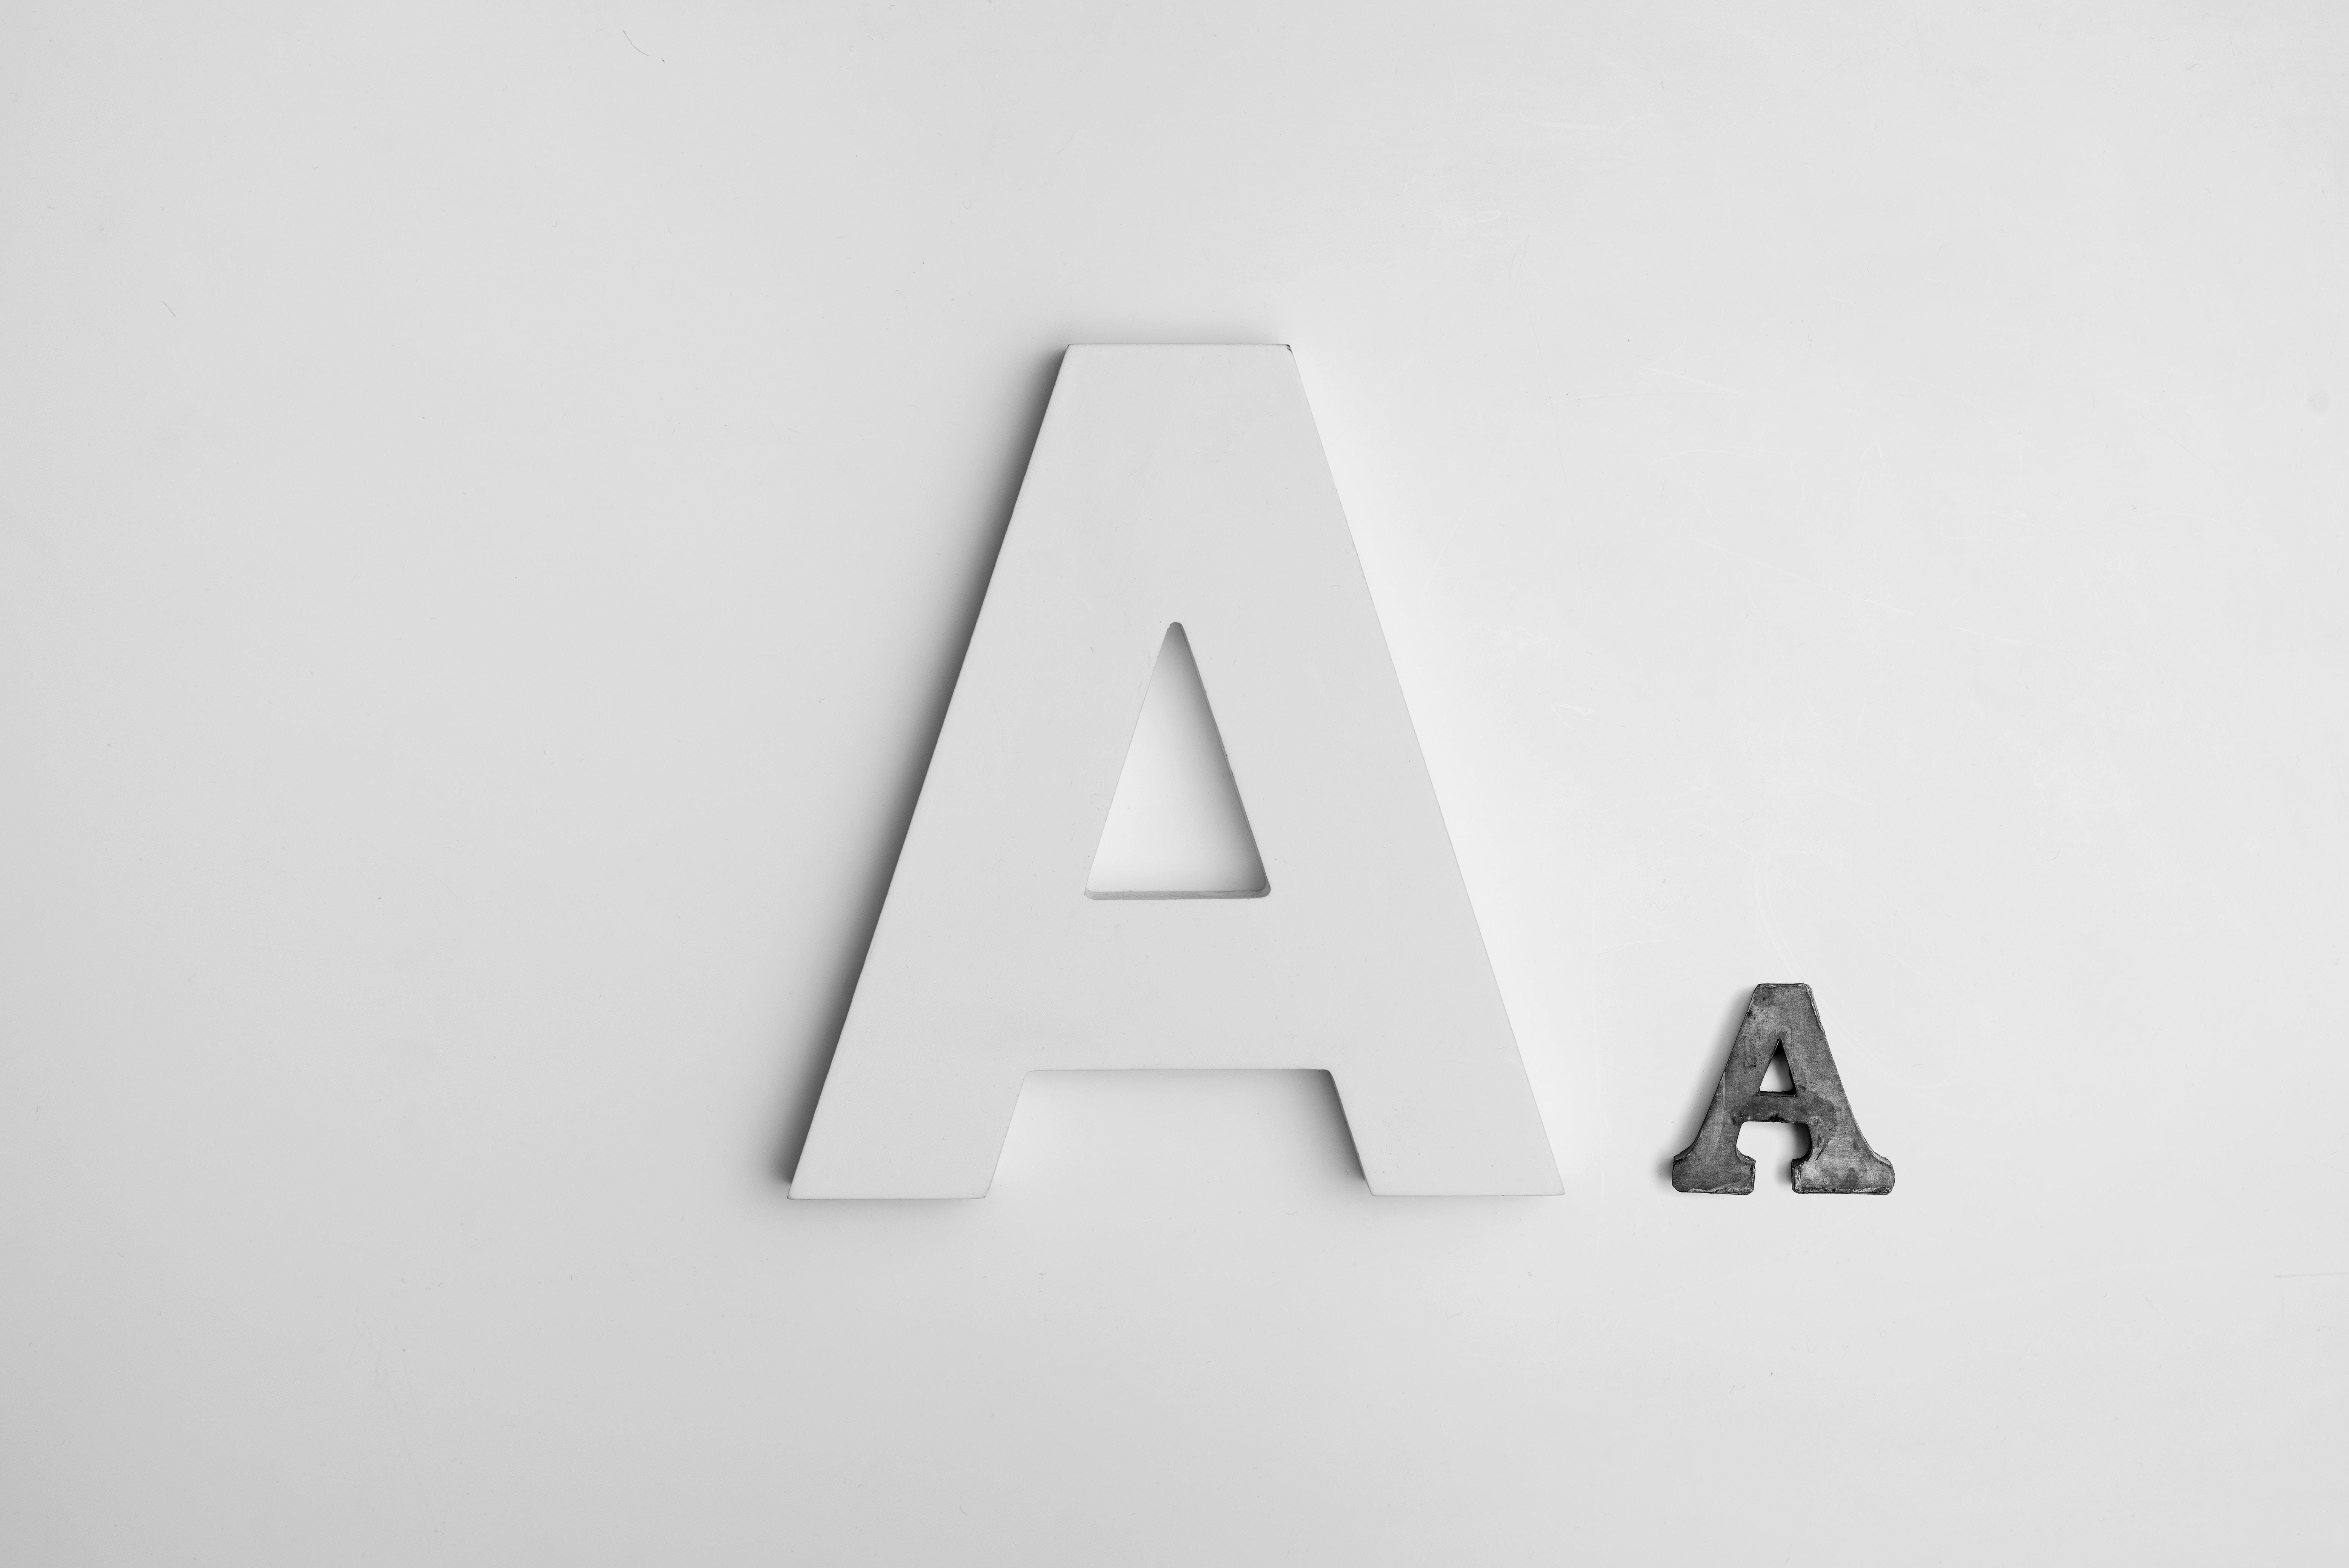 cut letter A's